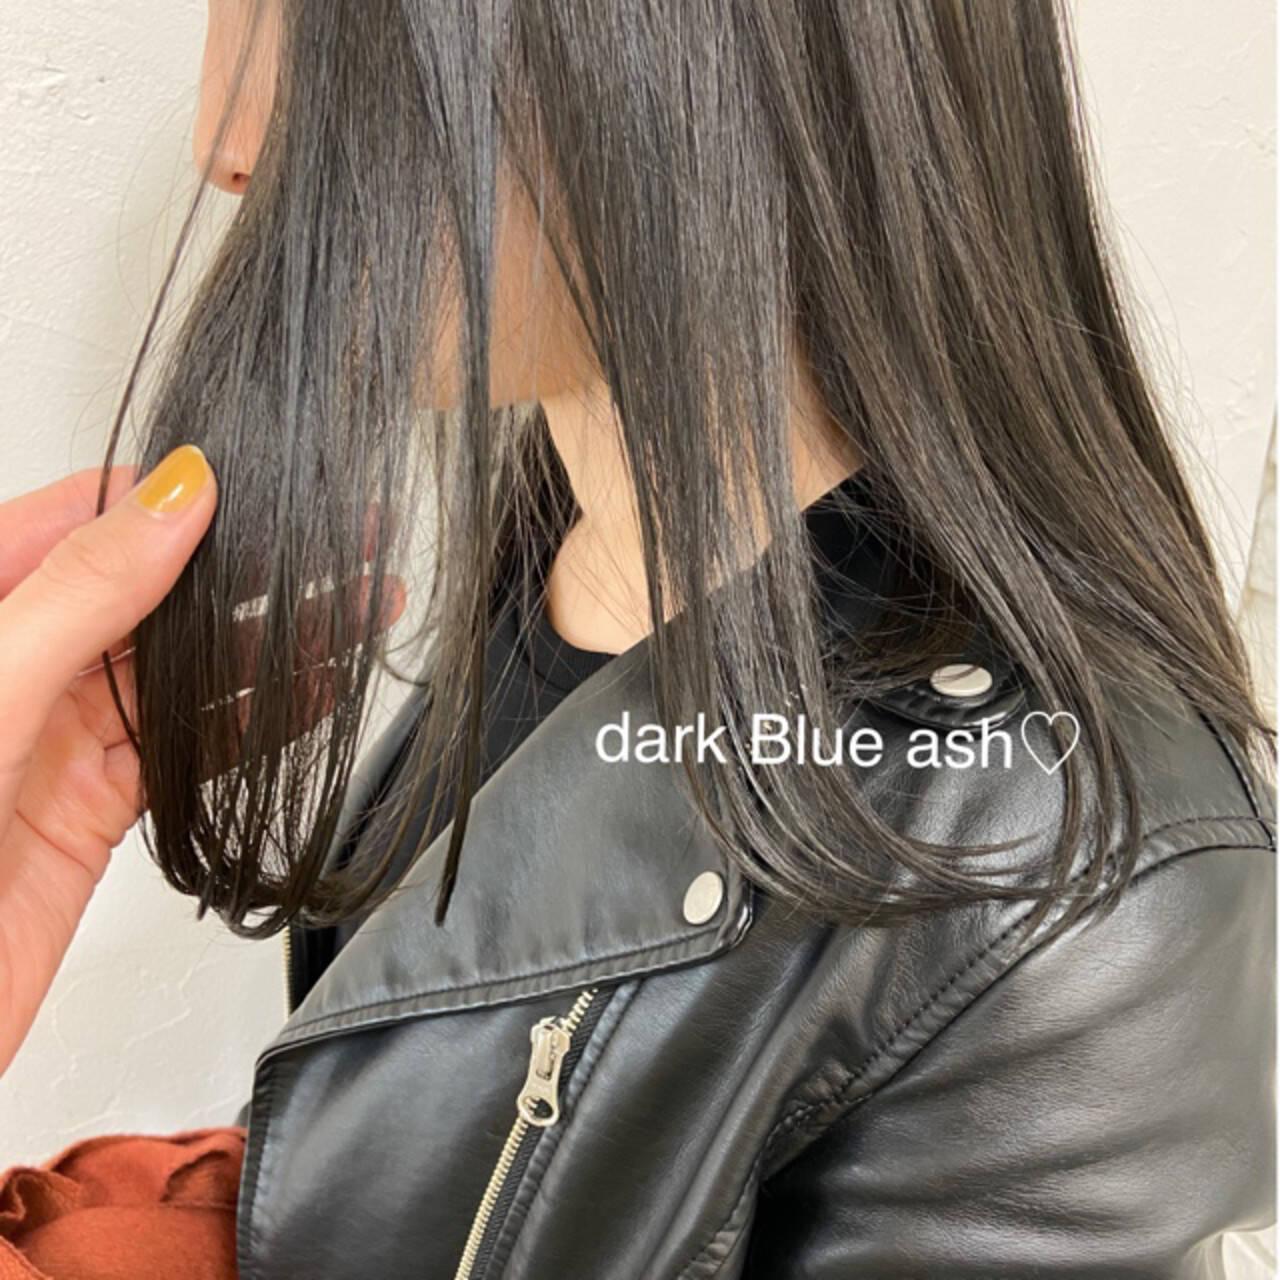 ナチュラル ブルーブラック ストレート 暗髪ヘアスタイルや髪型の写真・画像